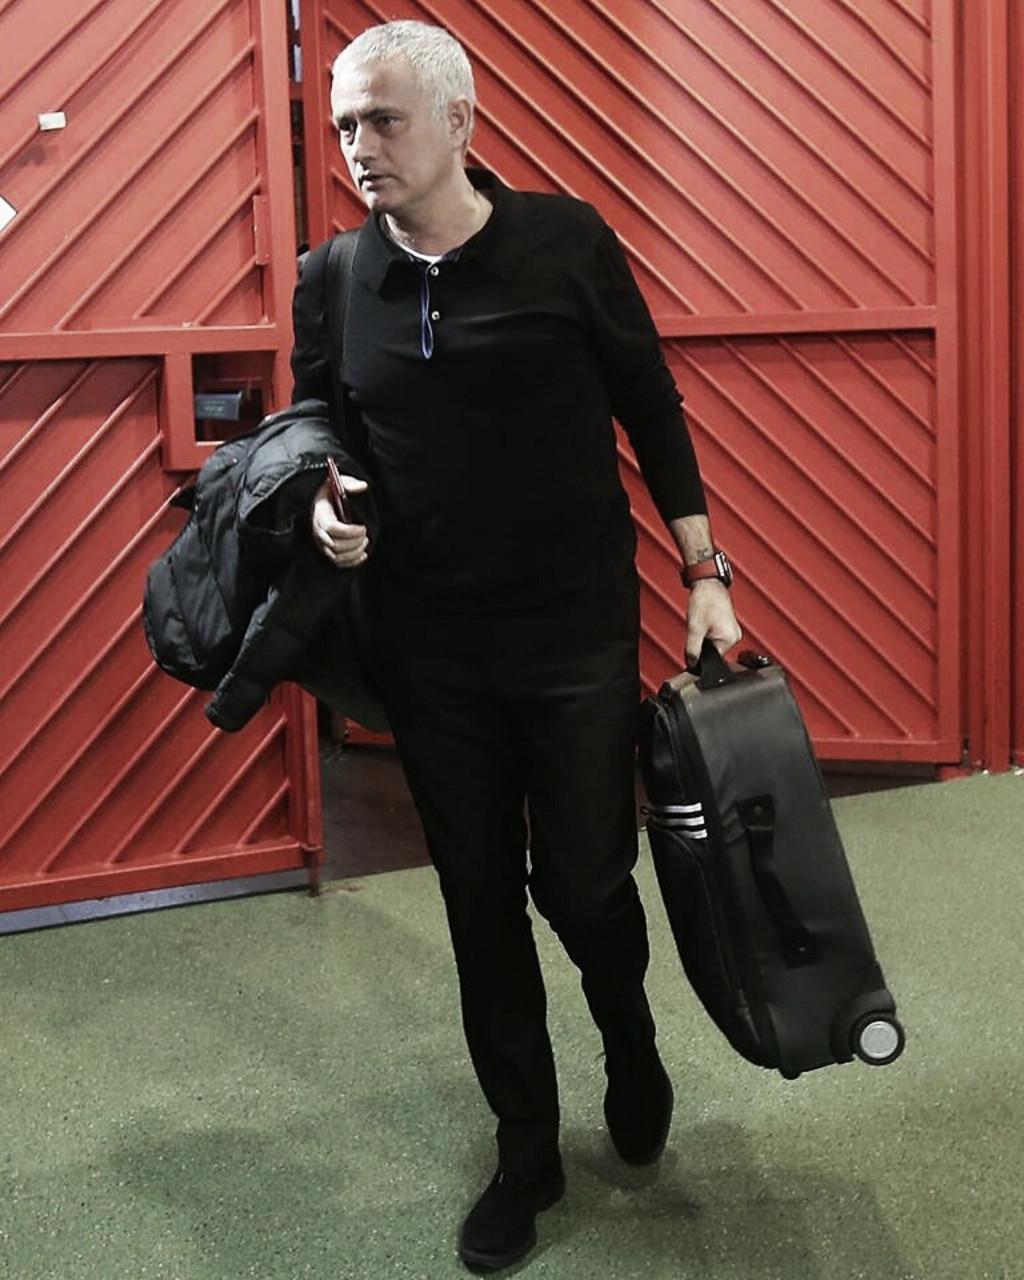 Opinião: o que levou o Manchester United a demitir José Mourinho